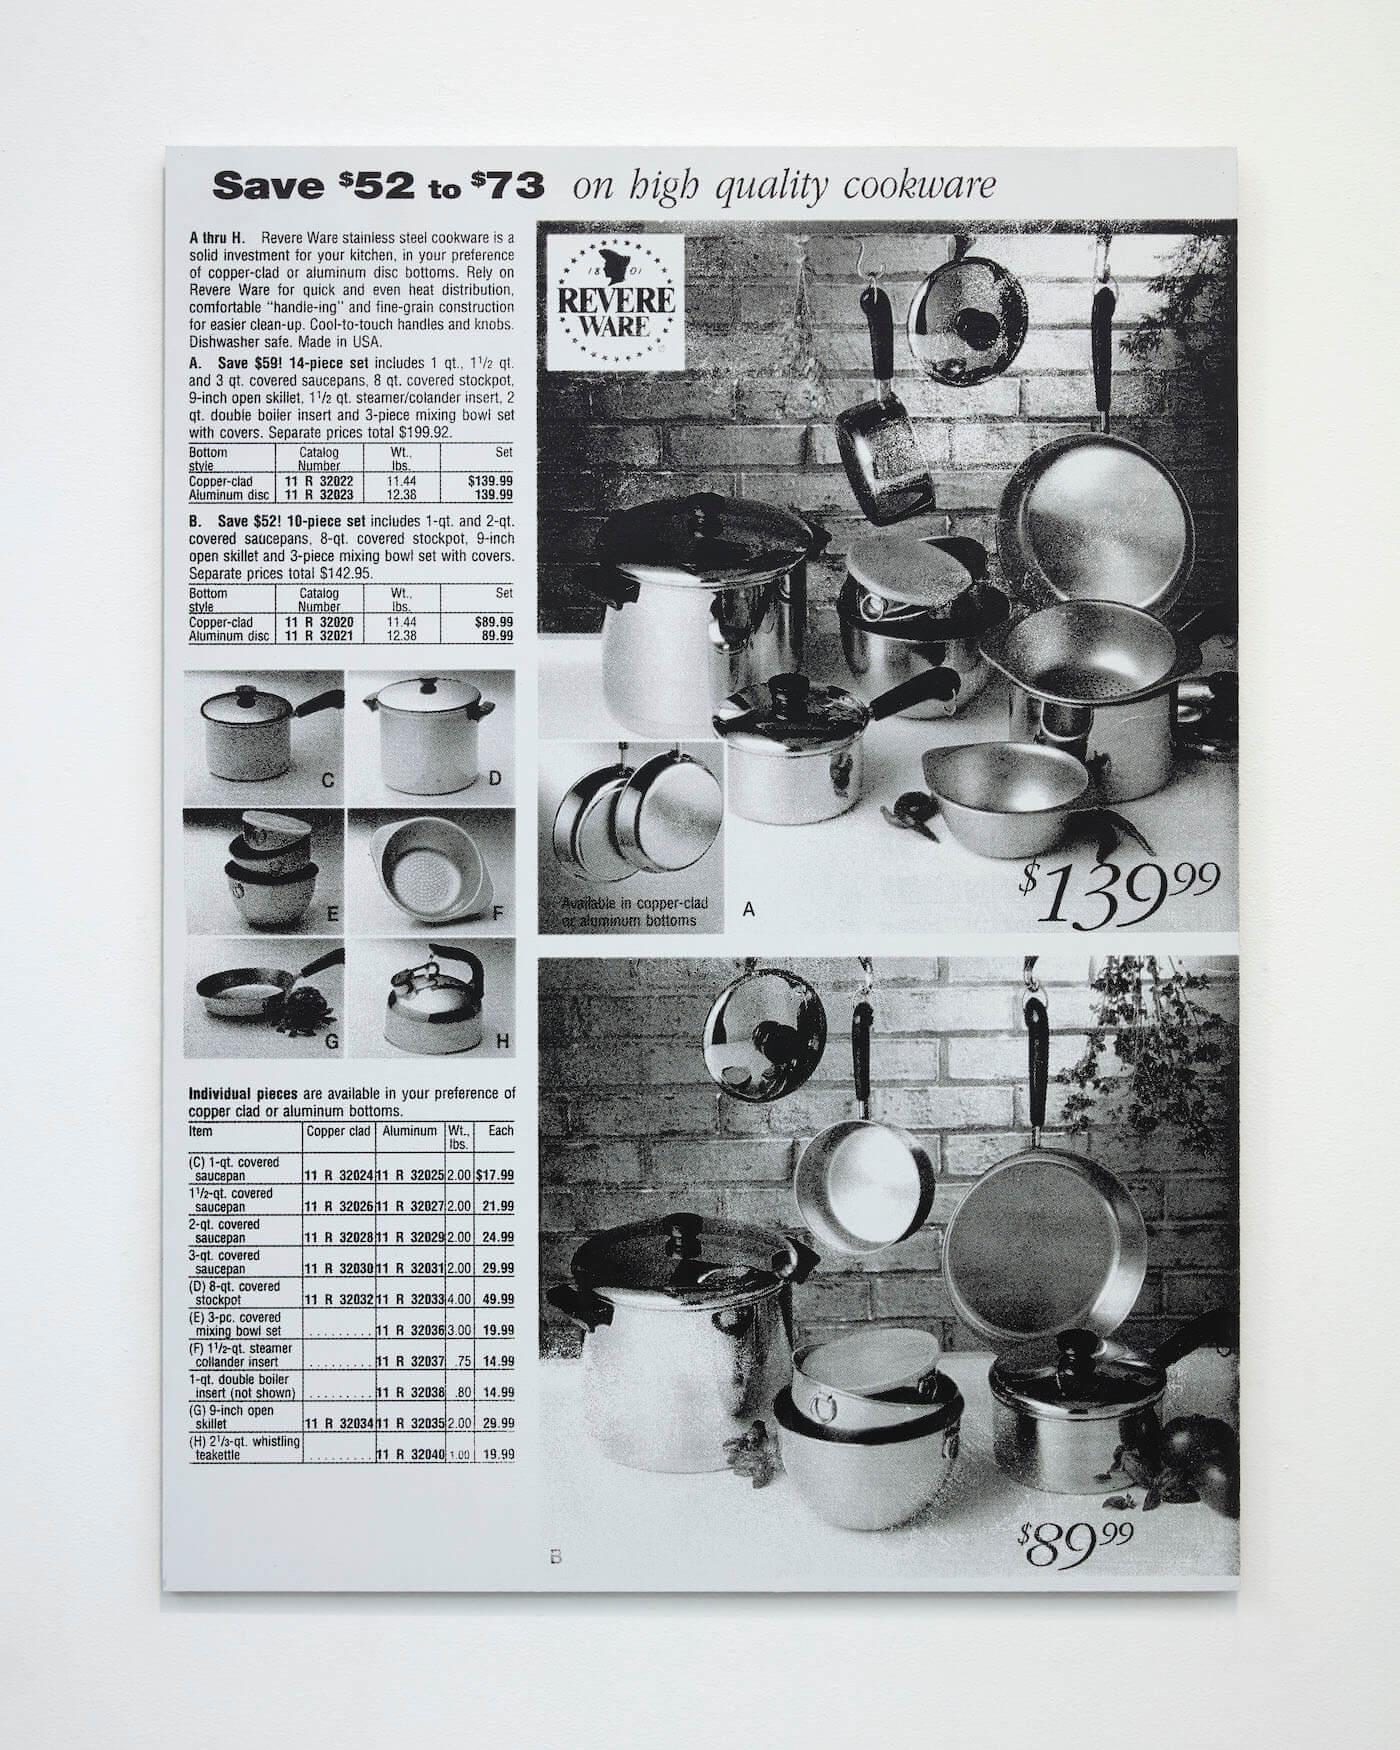 Jackson, Pots and Pans, 2020 (PJ 20.007) A